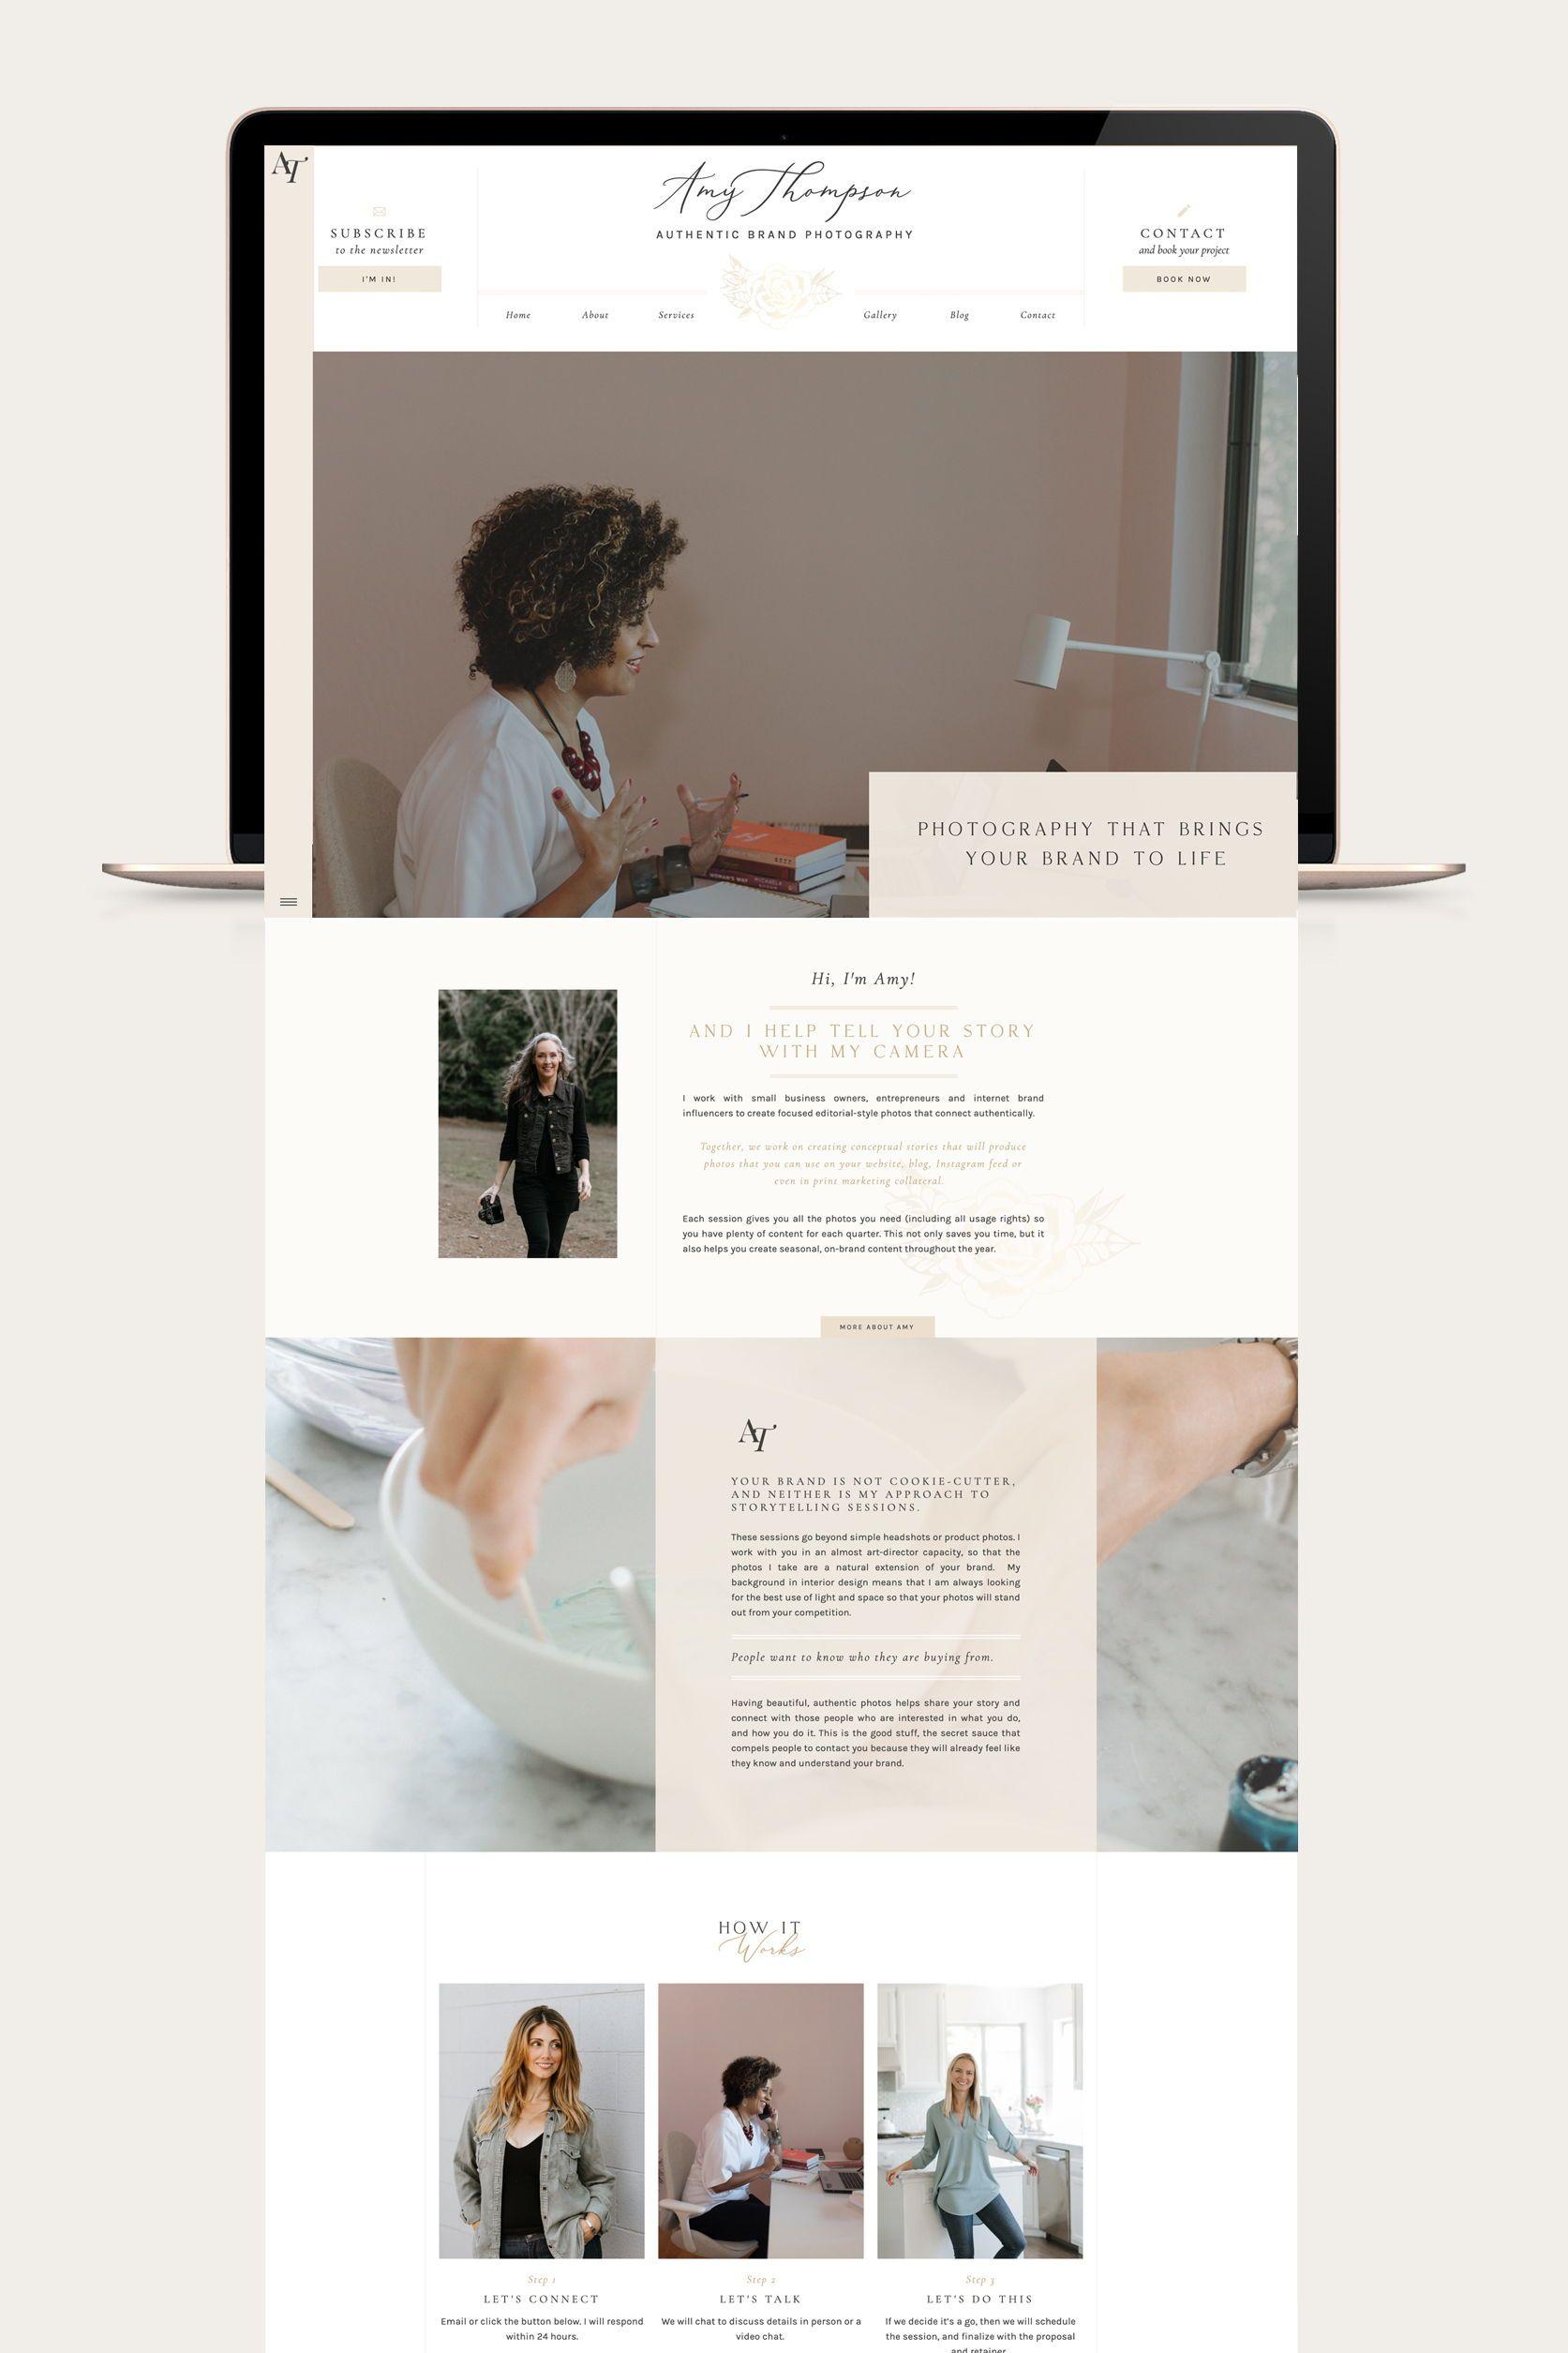 Website Design By Viva La Violet In 2020 Website Design Layout Web Design Branding Website Design